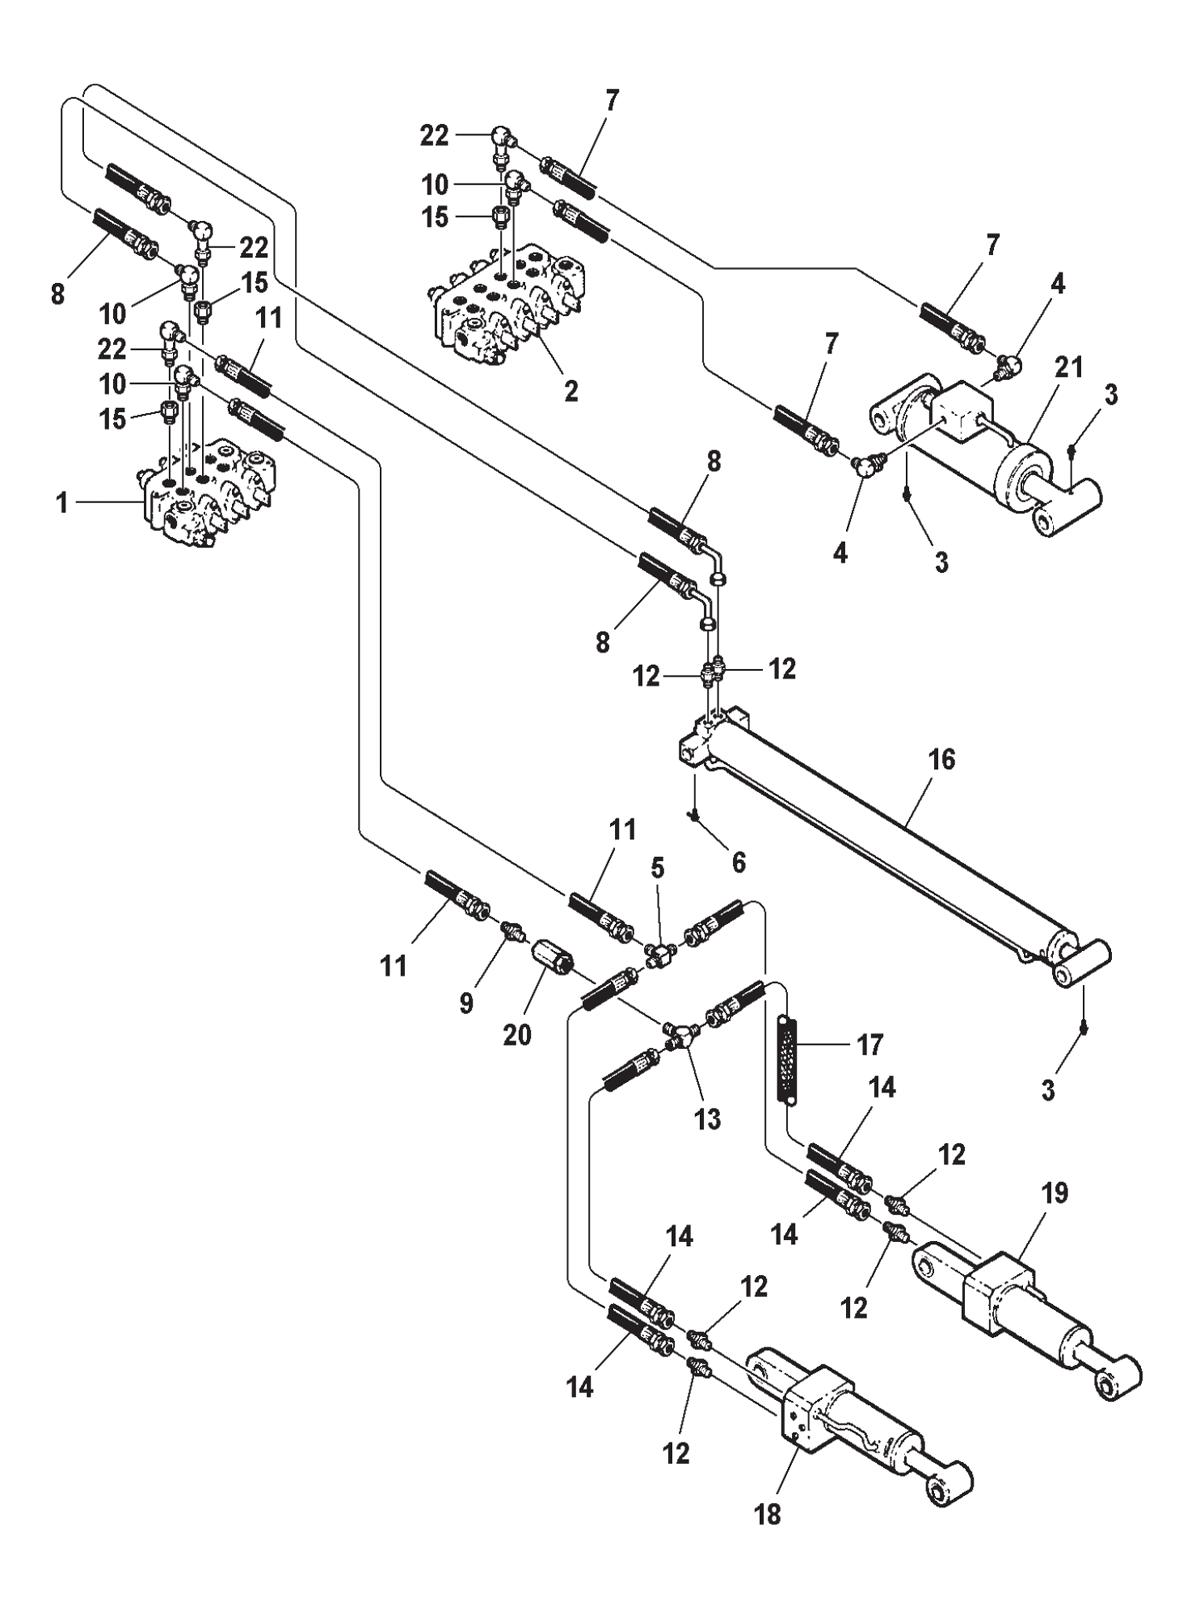 tow truck hydraulic diagram html imageresizertool com